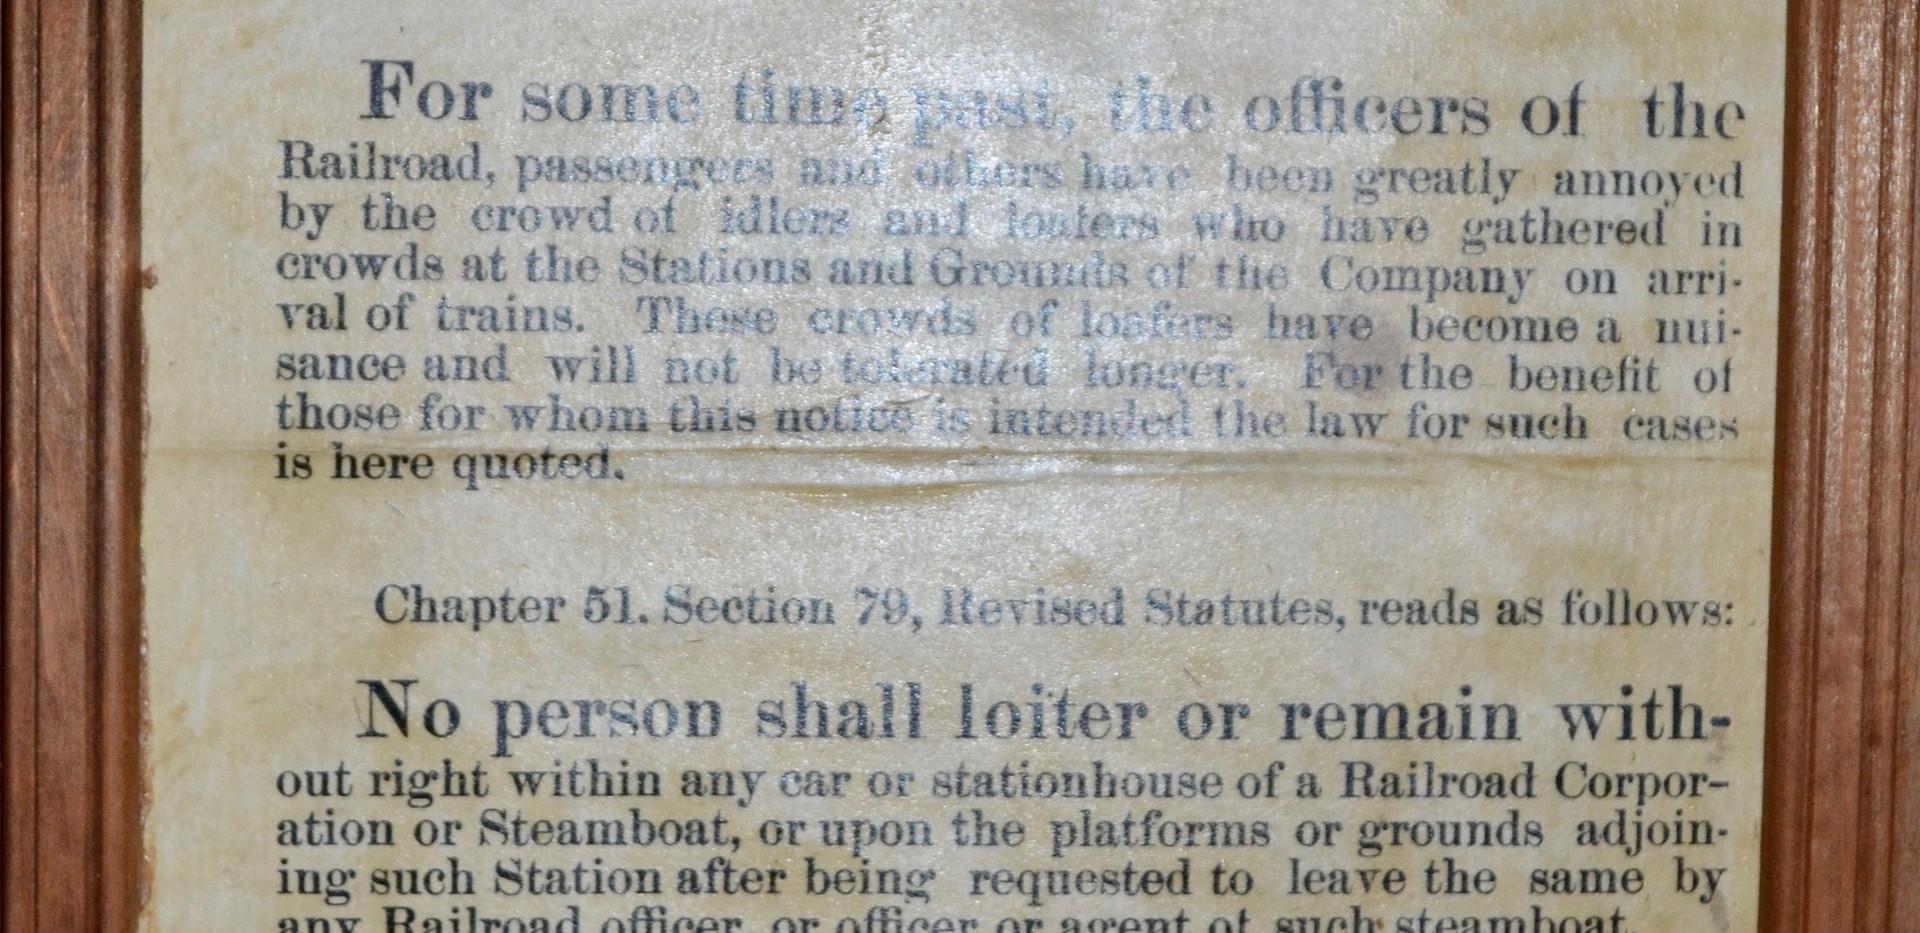 No Loitering Warning - Bridgton & Saco River Railroad